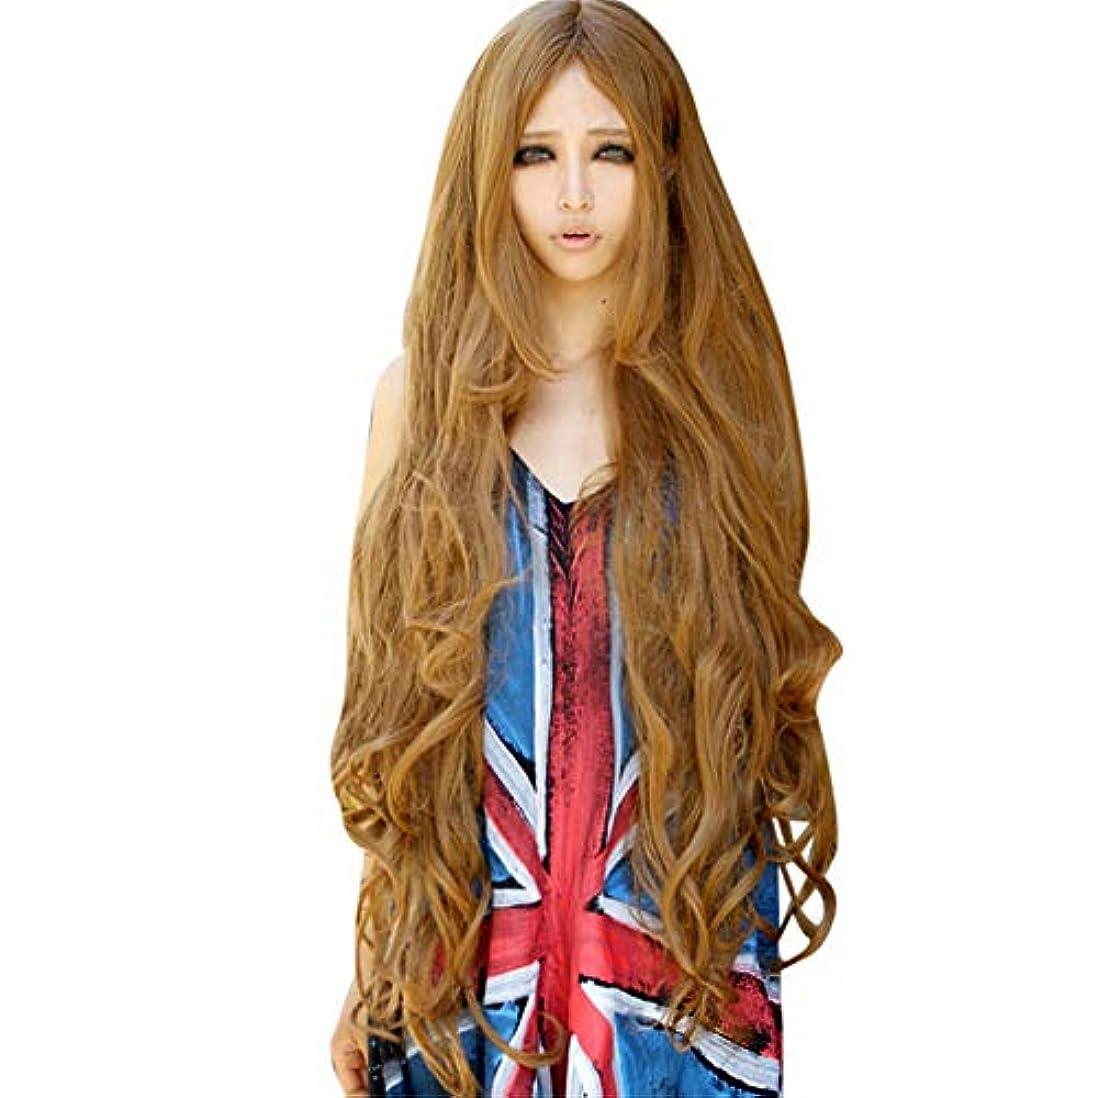 技術成人期一貫したかつらゴールド長い巻き毛ナチュラルかつらファッションパーティーかつら100CM